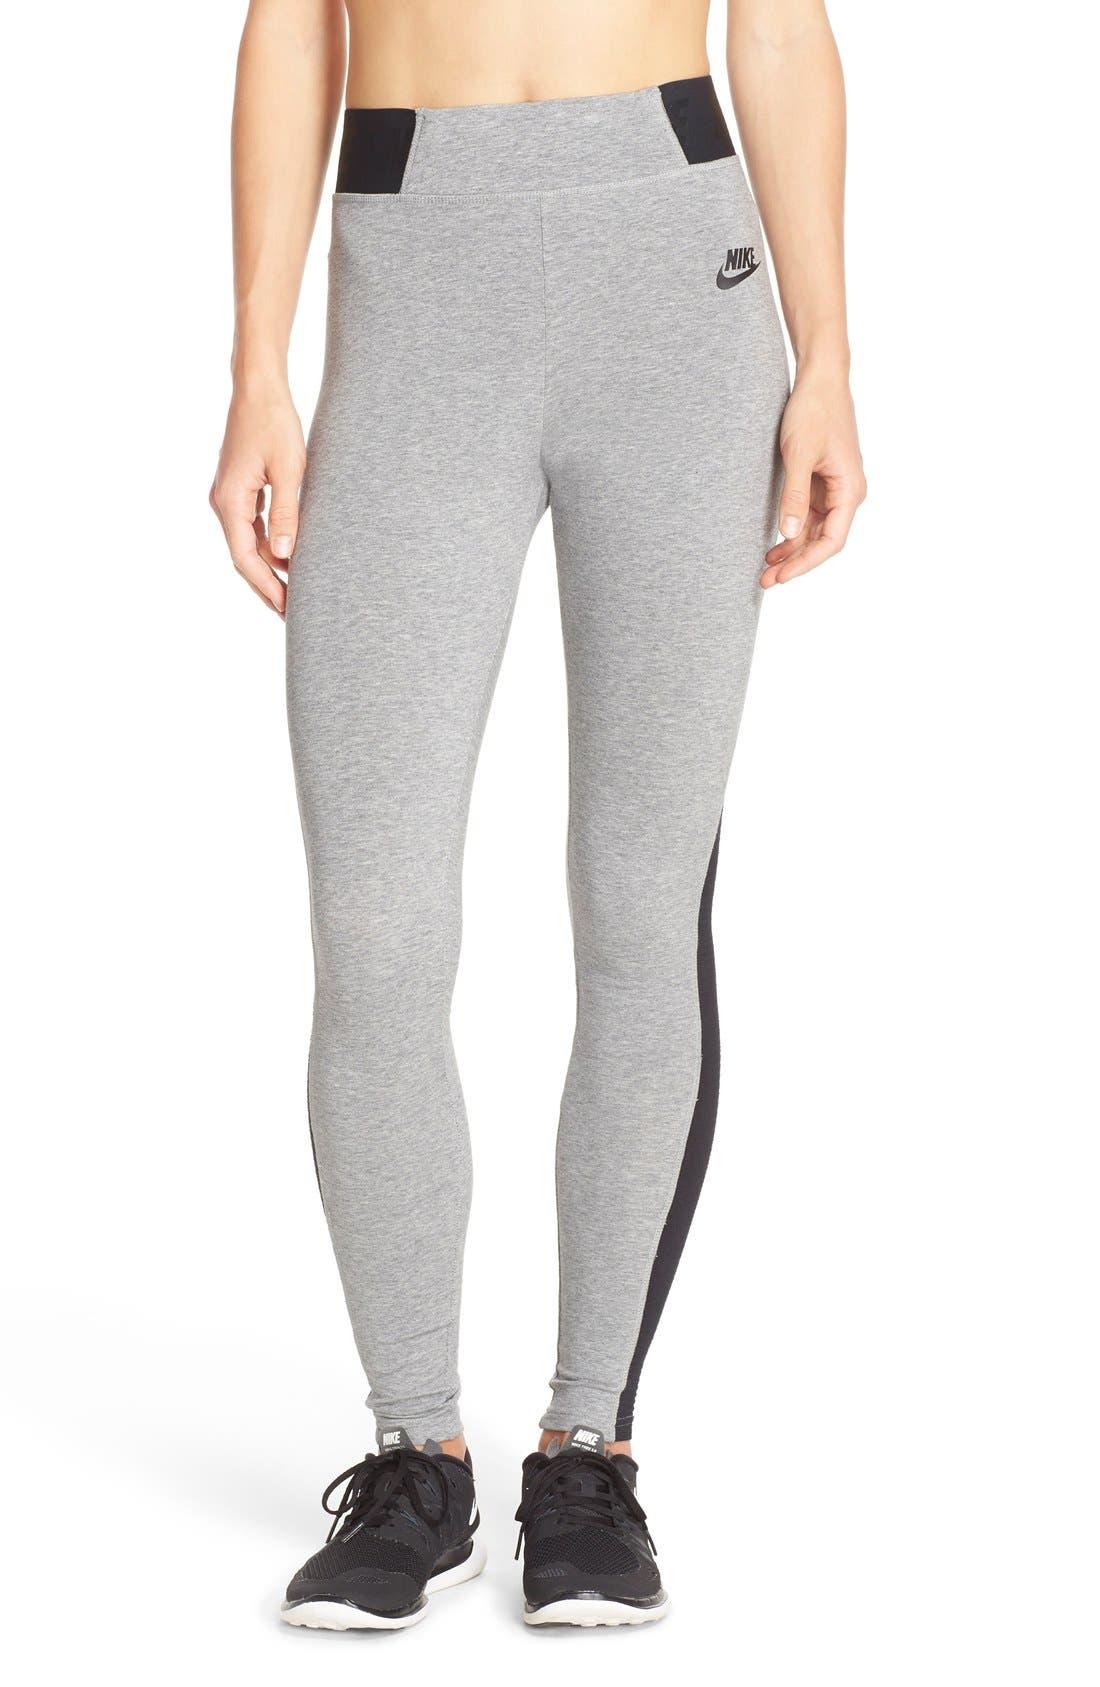 Alternate Image 1 Selected - Nike 'Burnout' Mesh Inset Leggings